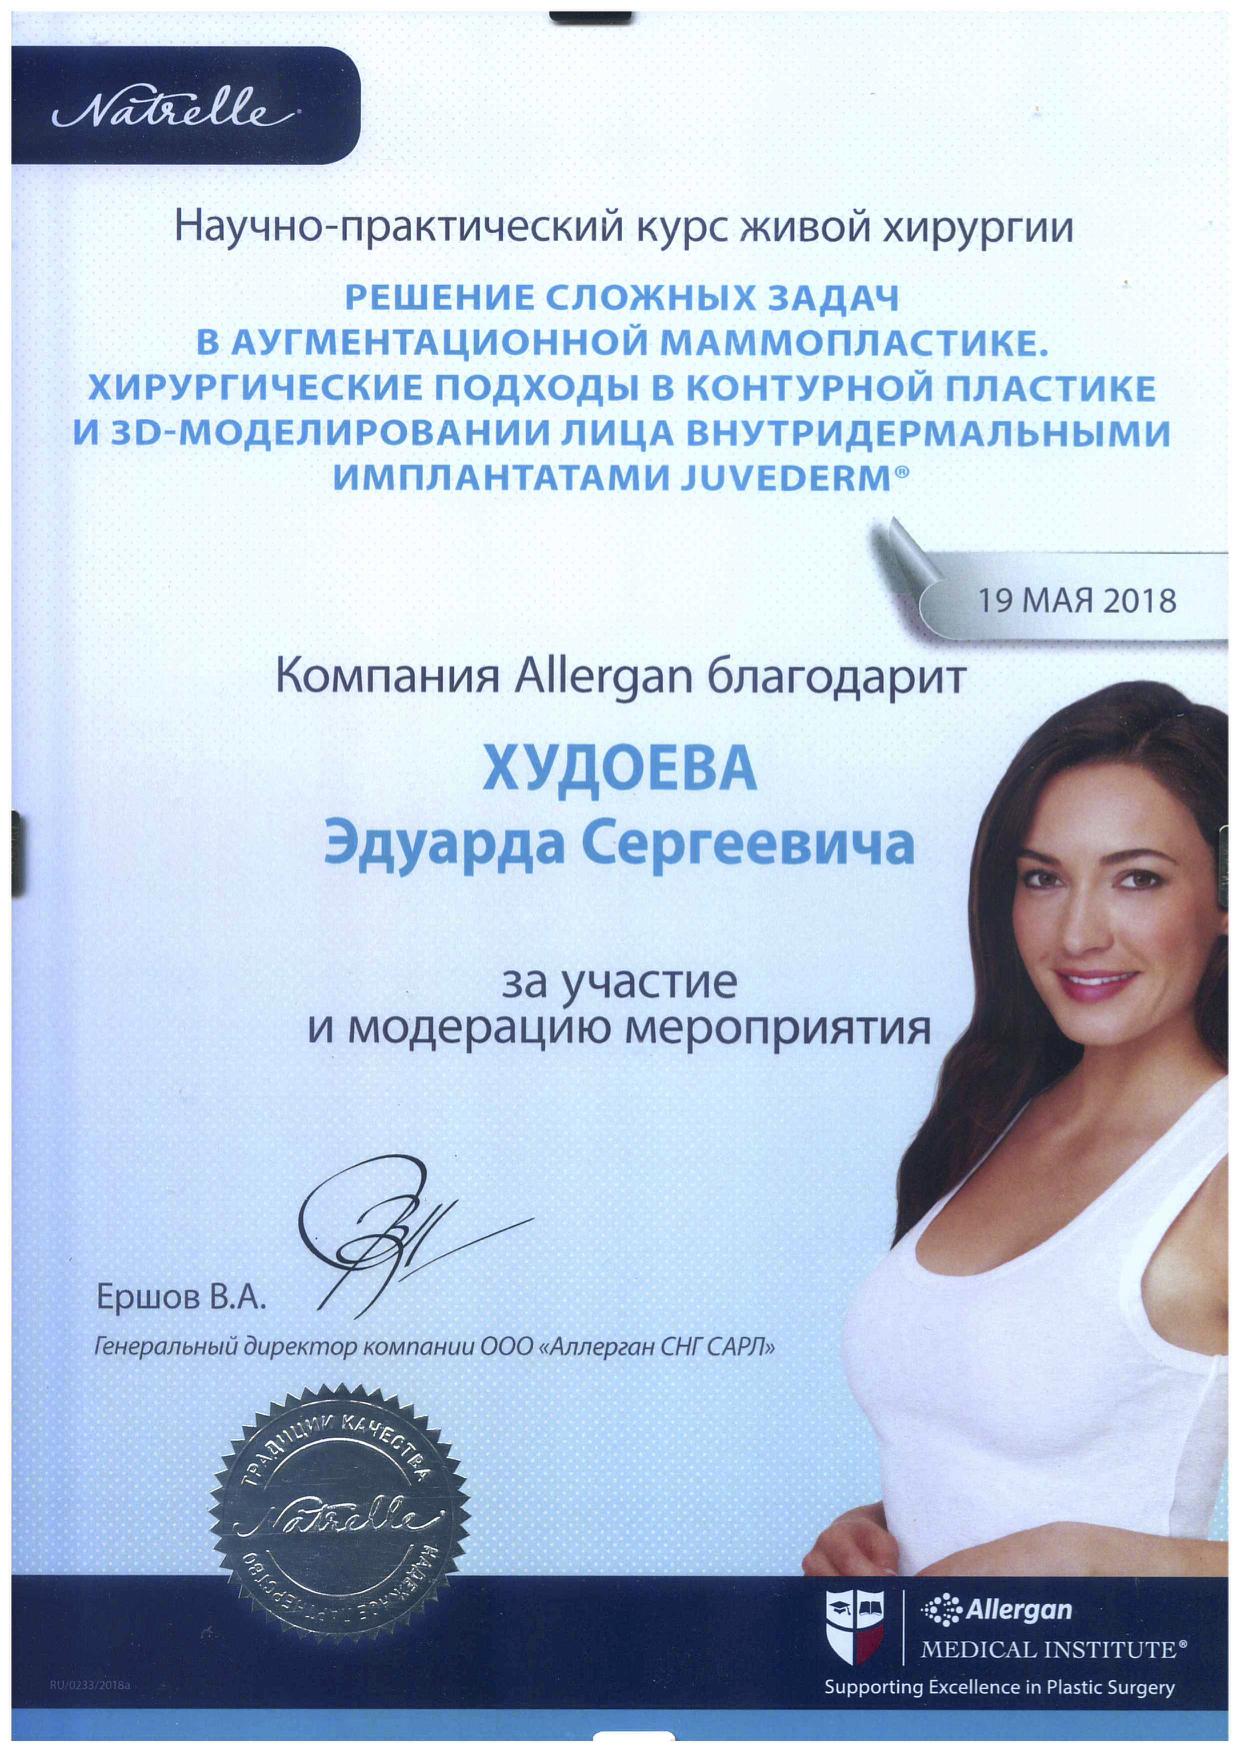 Сертификат Аллерган 2018